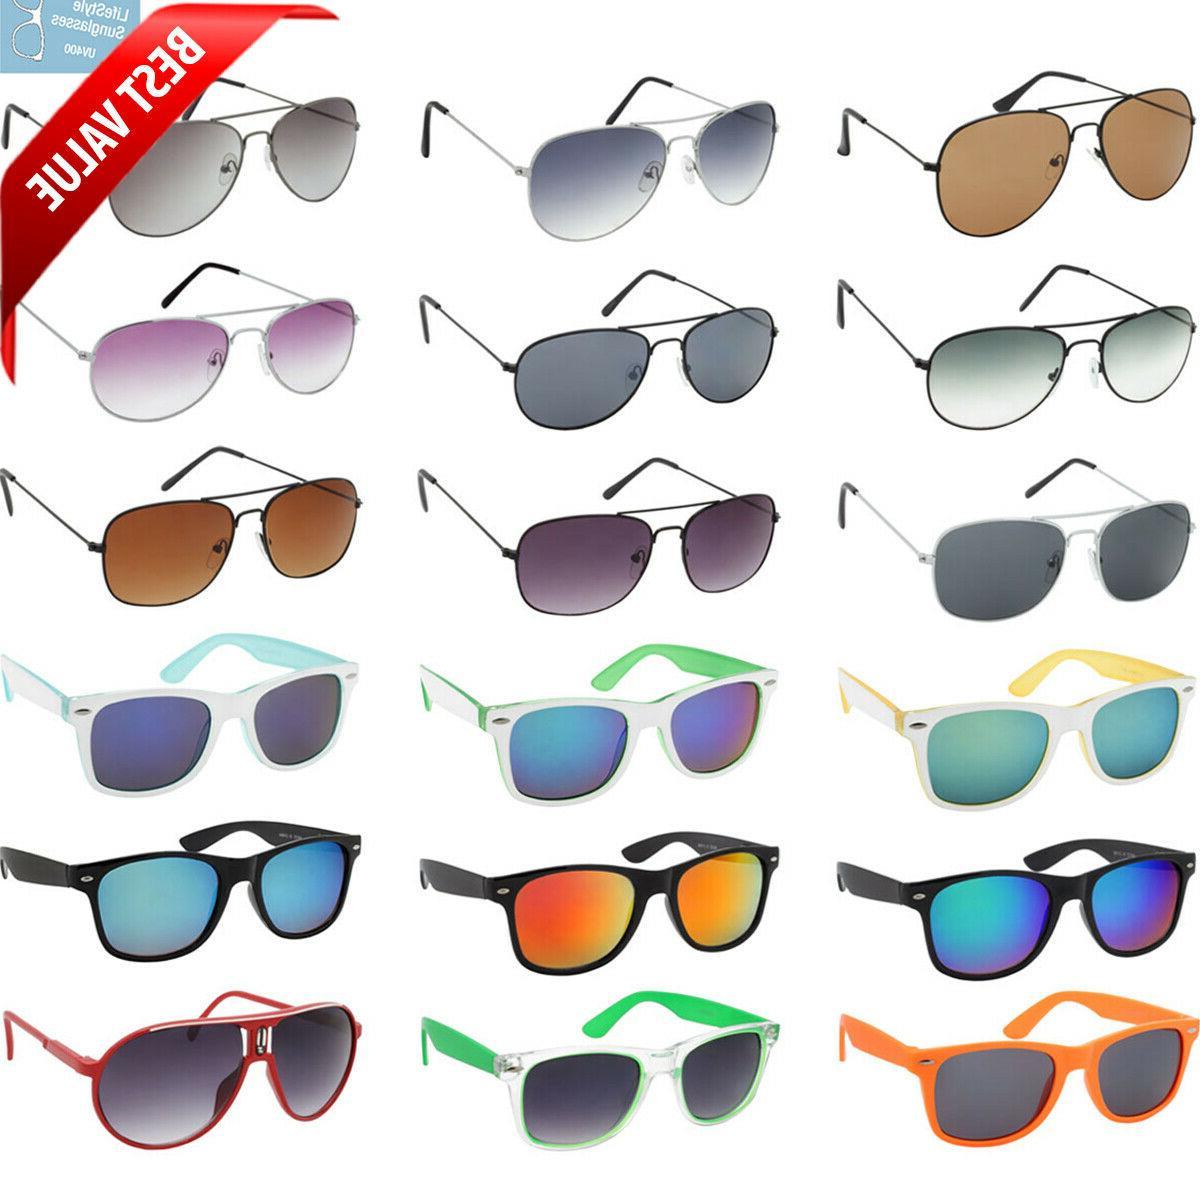 bulk sunglasses wholesale lot 36 pc box